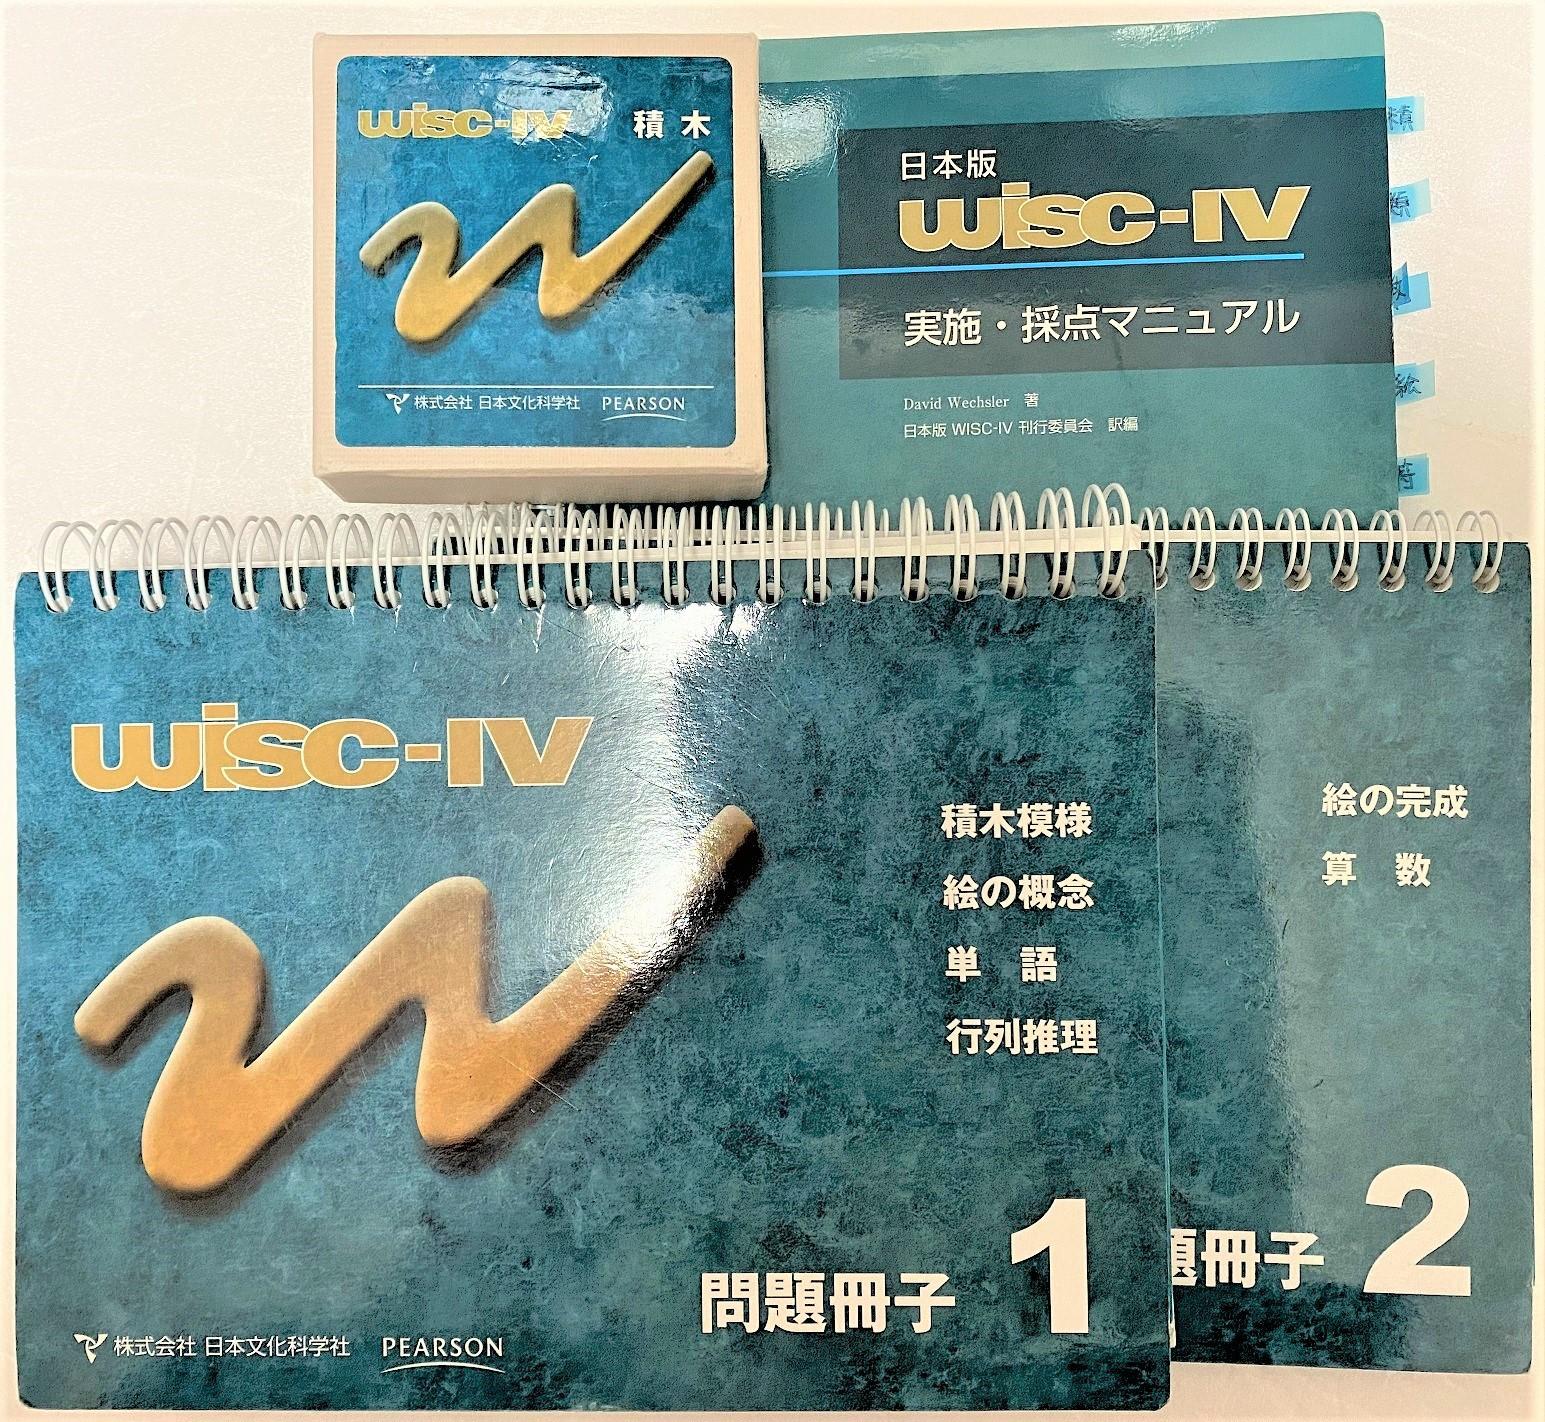 005【WISC-Ⅳ】WISC4のVCI(言語理解指標)が低い子どもの伸ばし方